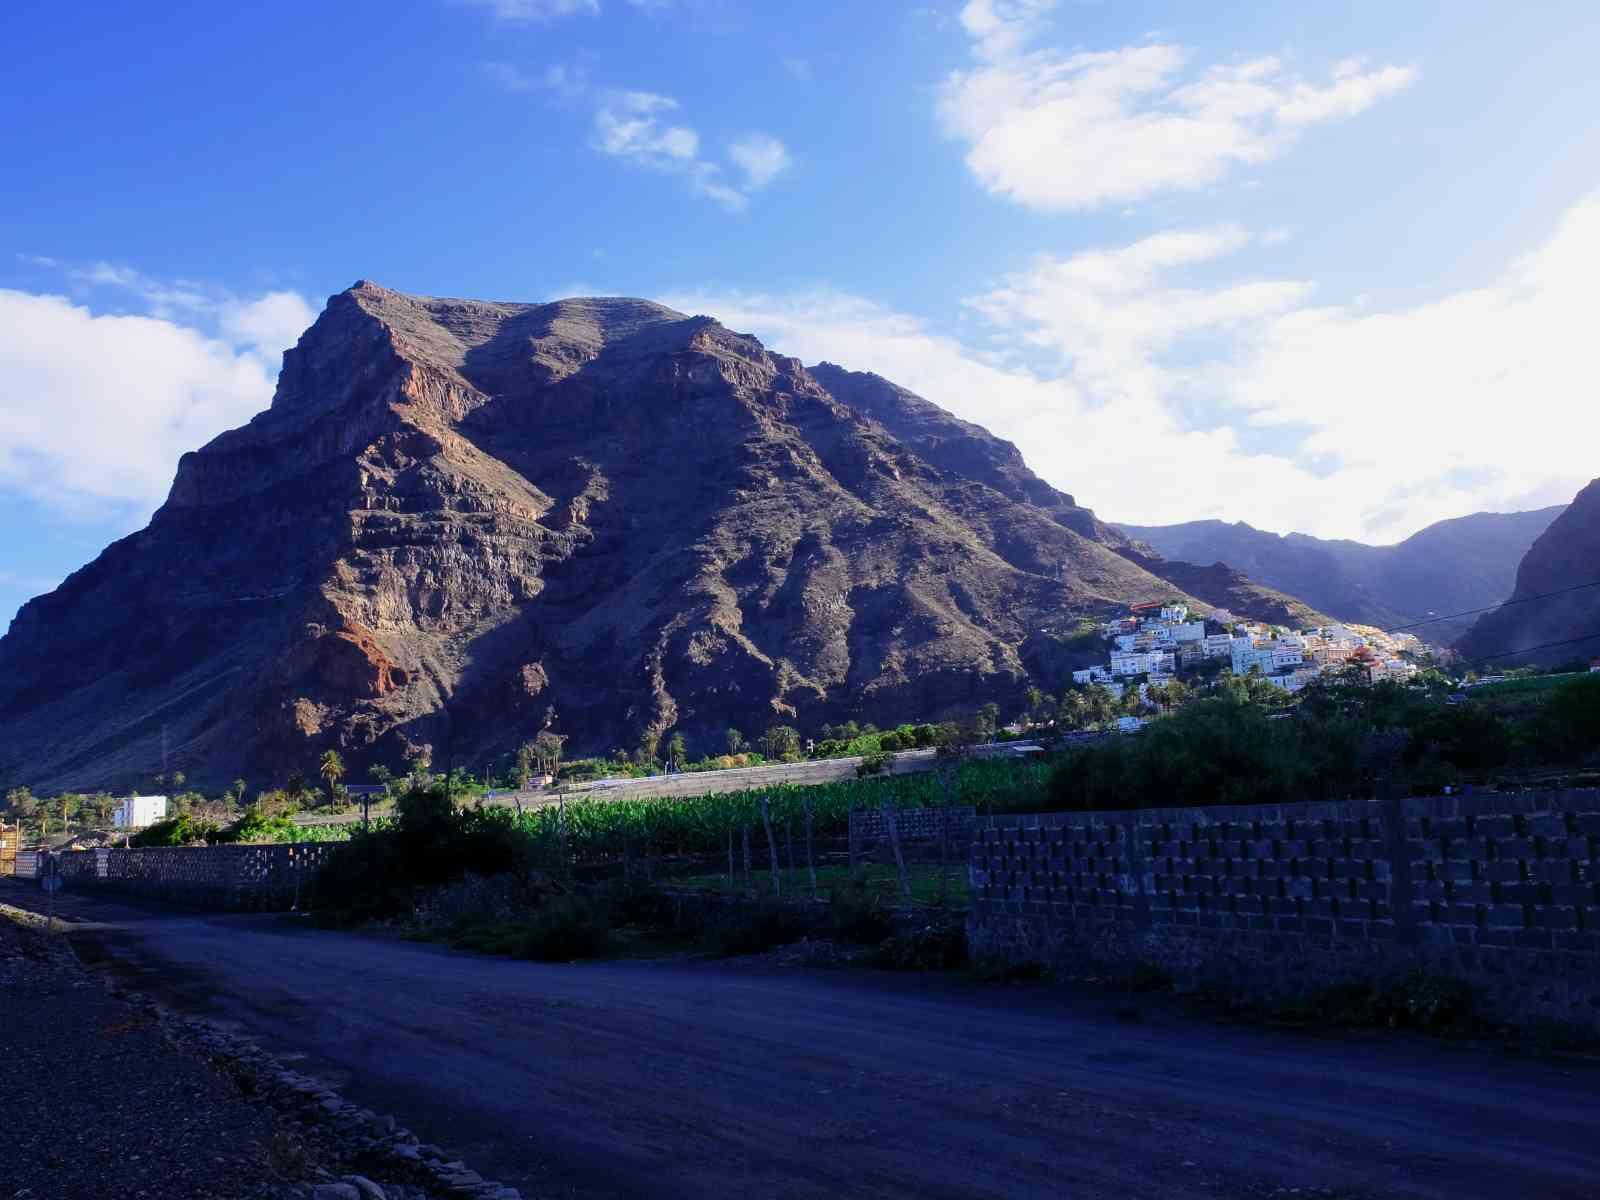 Le Mérica von Valle Gran Rey aus